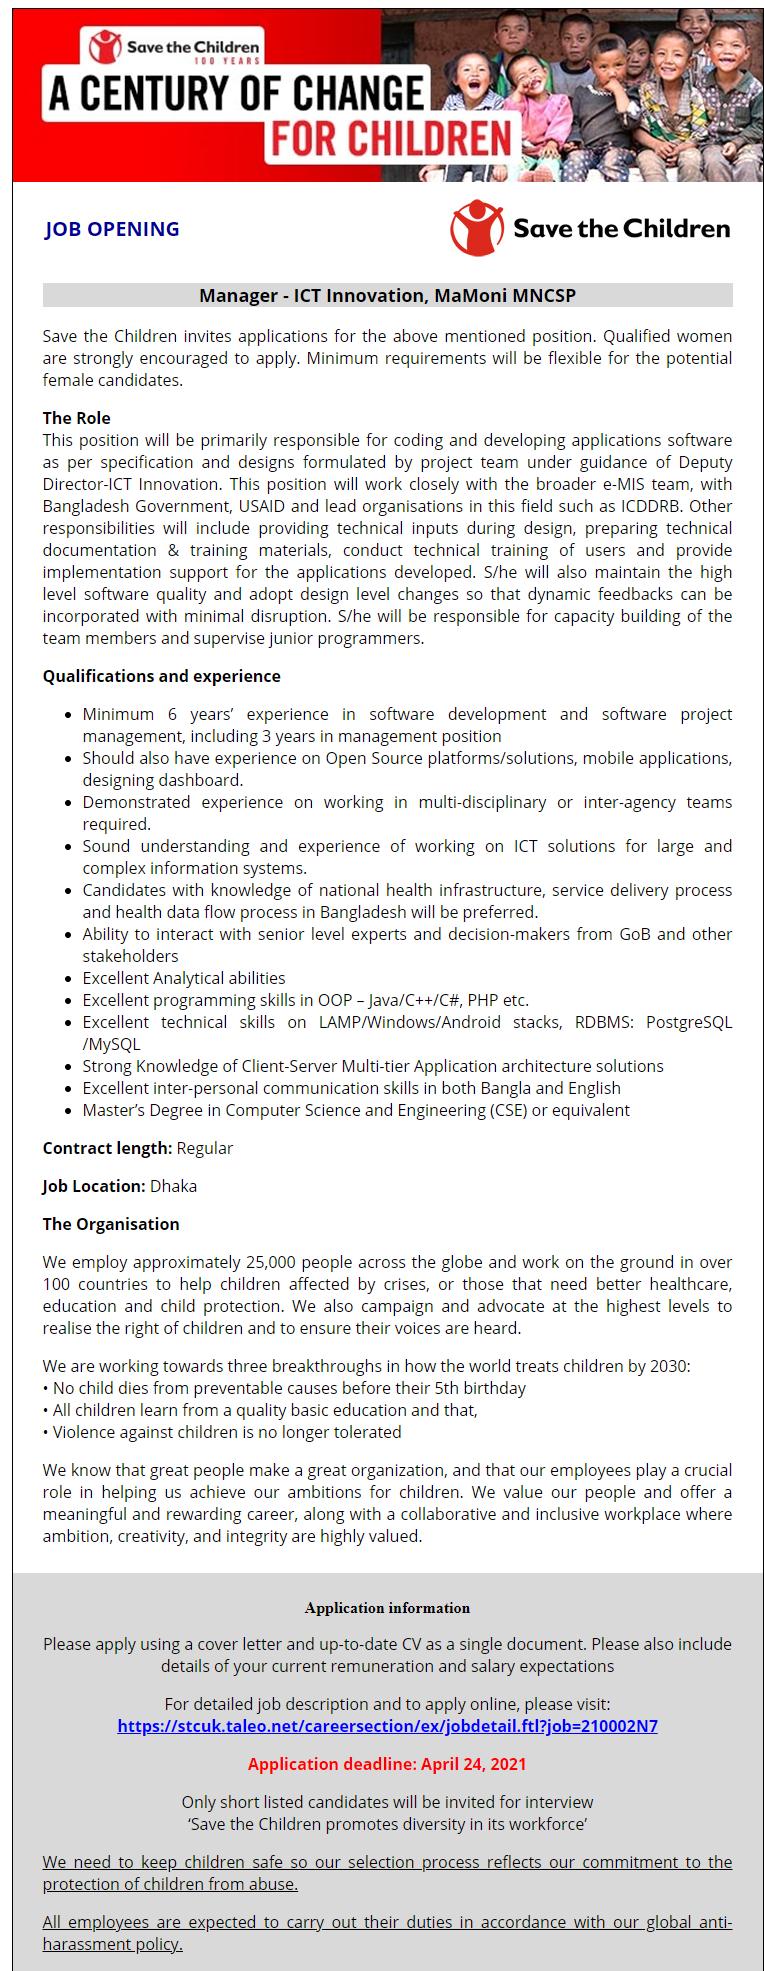 এনজিও চাকরির খবর ২০২১ - NGO Job Circular 2021 - All NGO Job Circular 2021